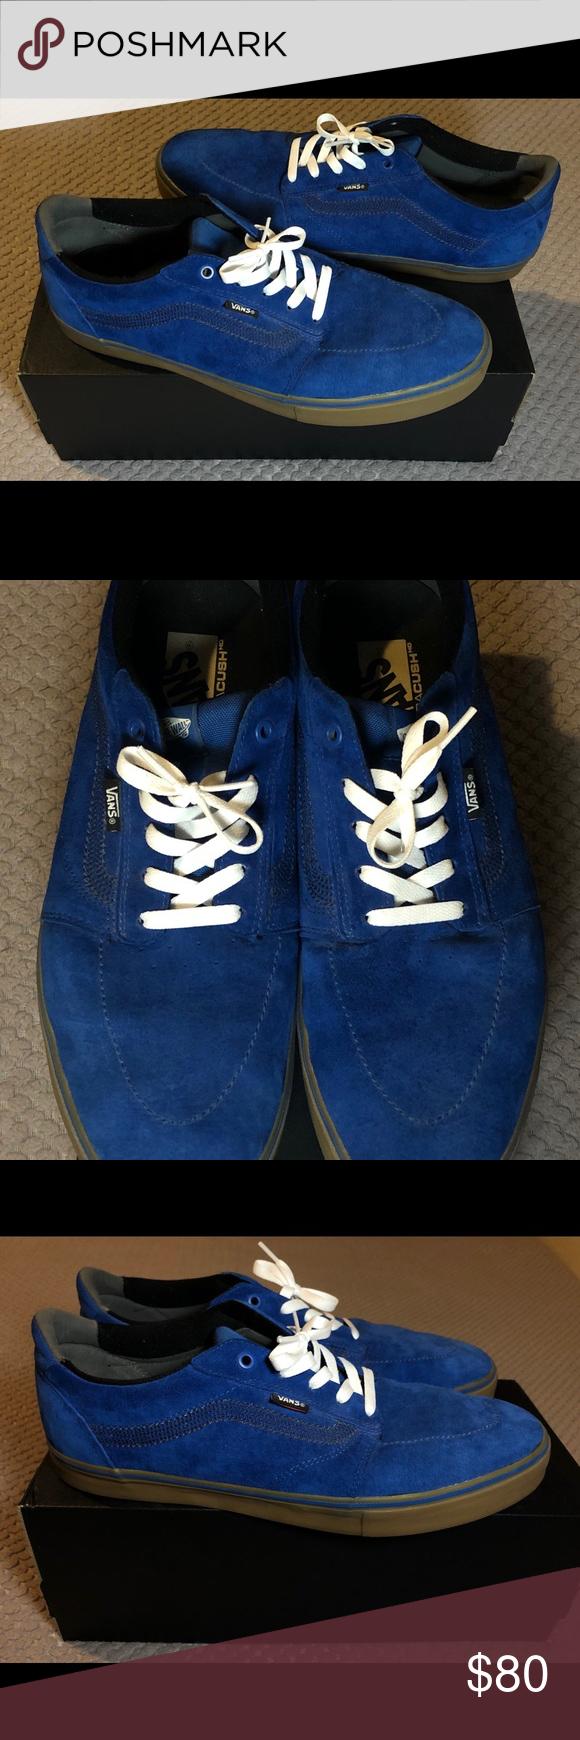 Old-Skool Vans Dark Blue Suede Gum Sole